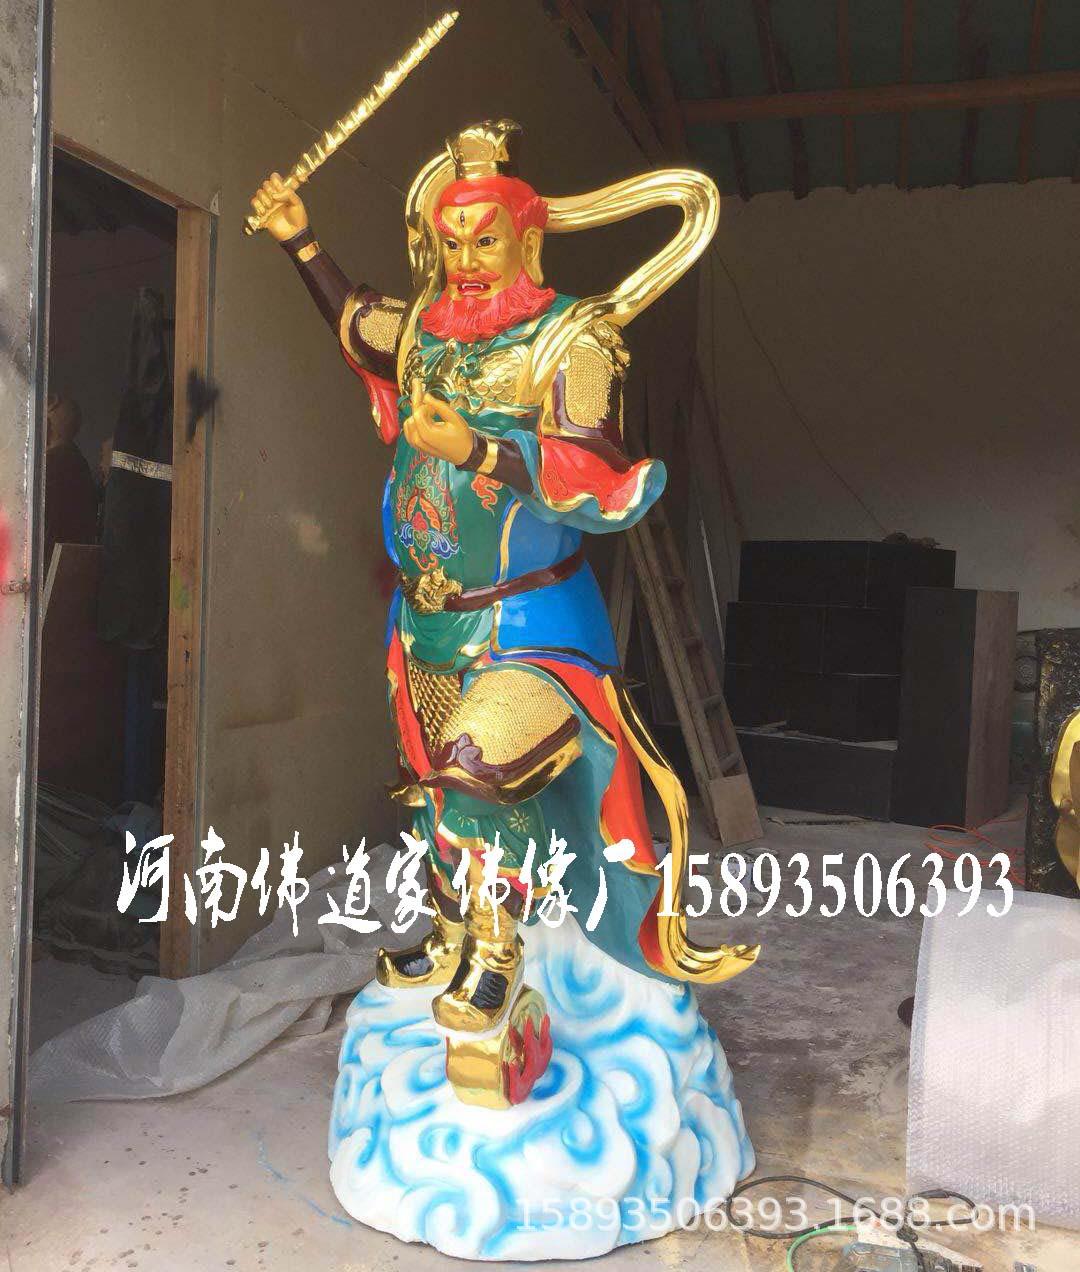 河南大型玻璃钢佛像厂家 道教神像 王灵官 王天君树脂贴金彩绘示例图2